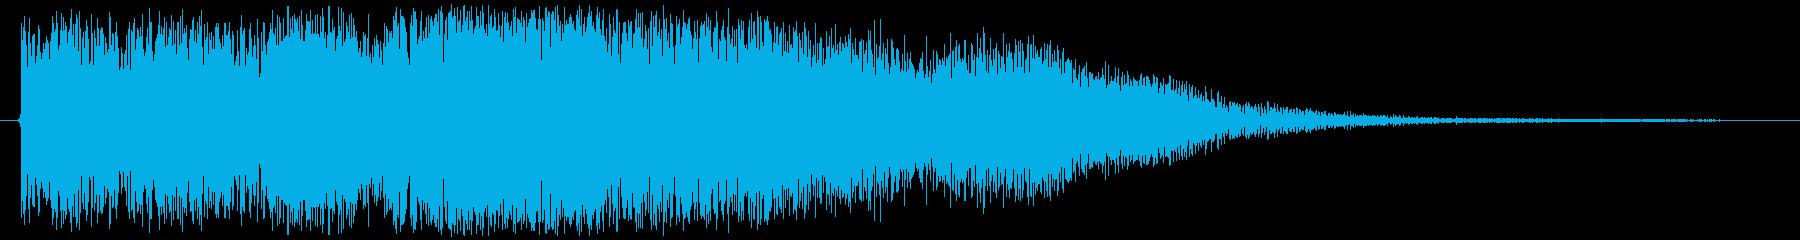 レベルアップっぽいブラスジングルの再生済みの波形